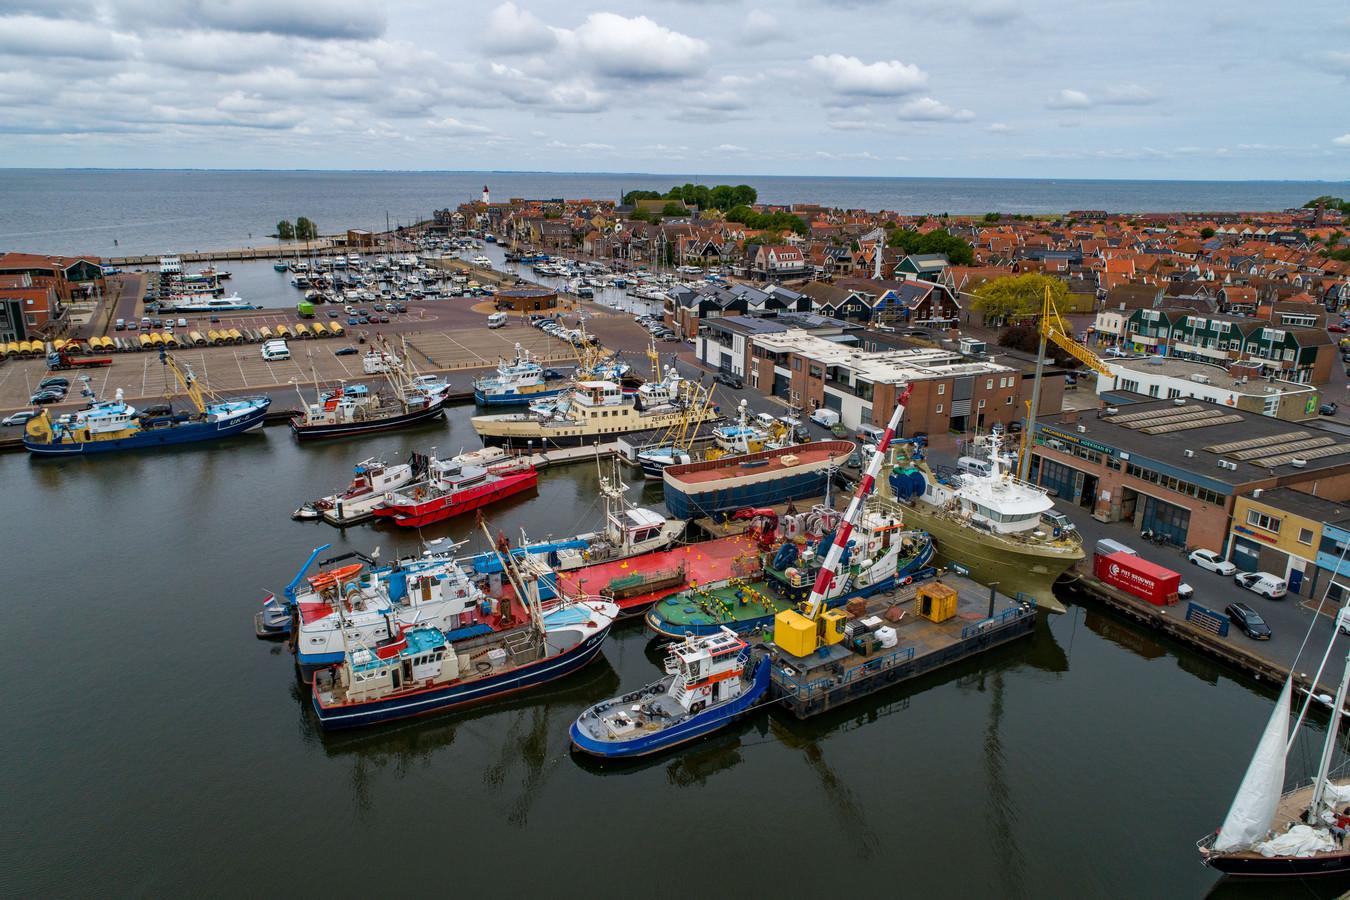 De haven van Urk.